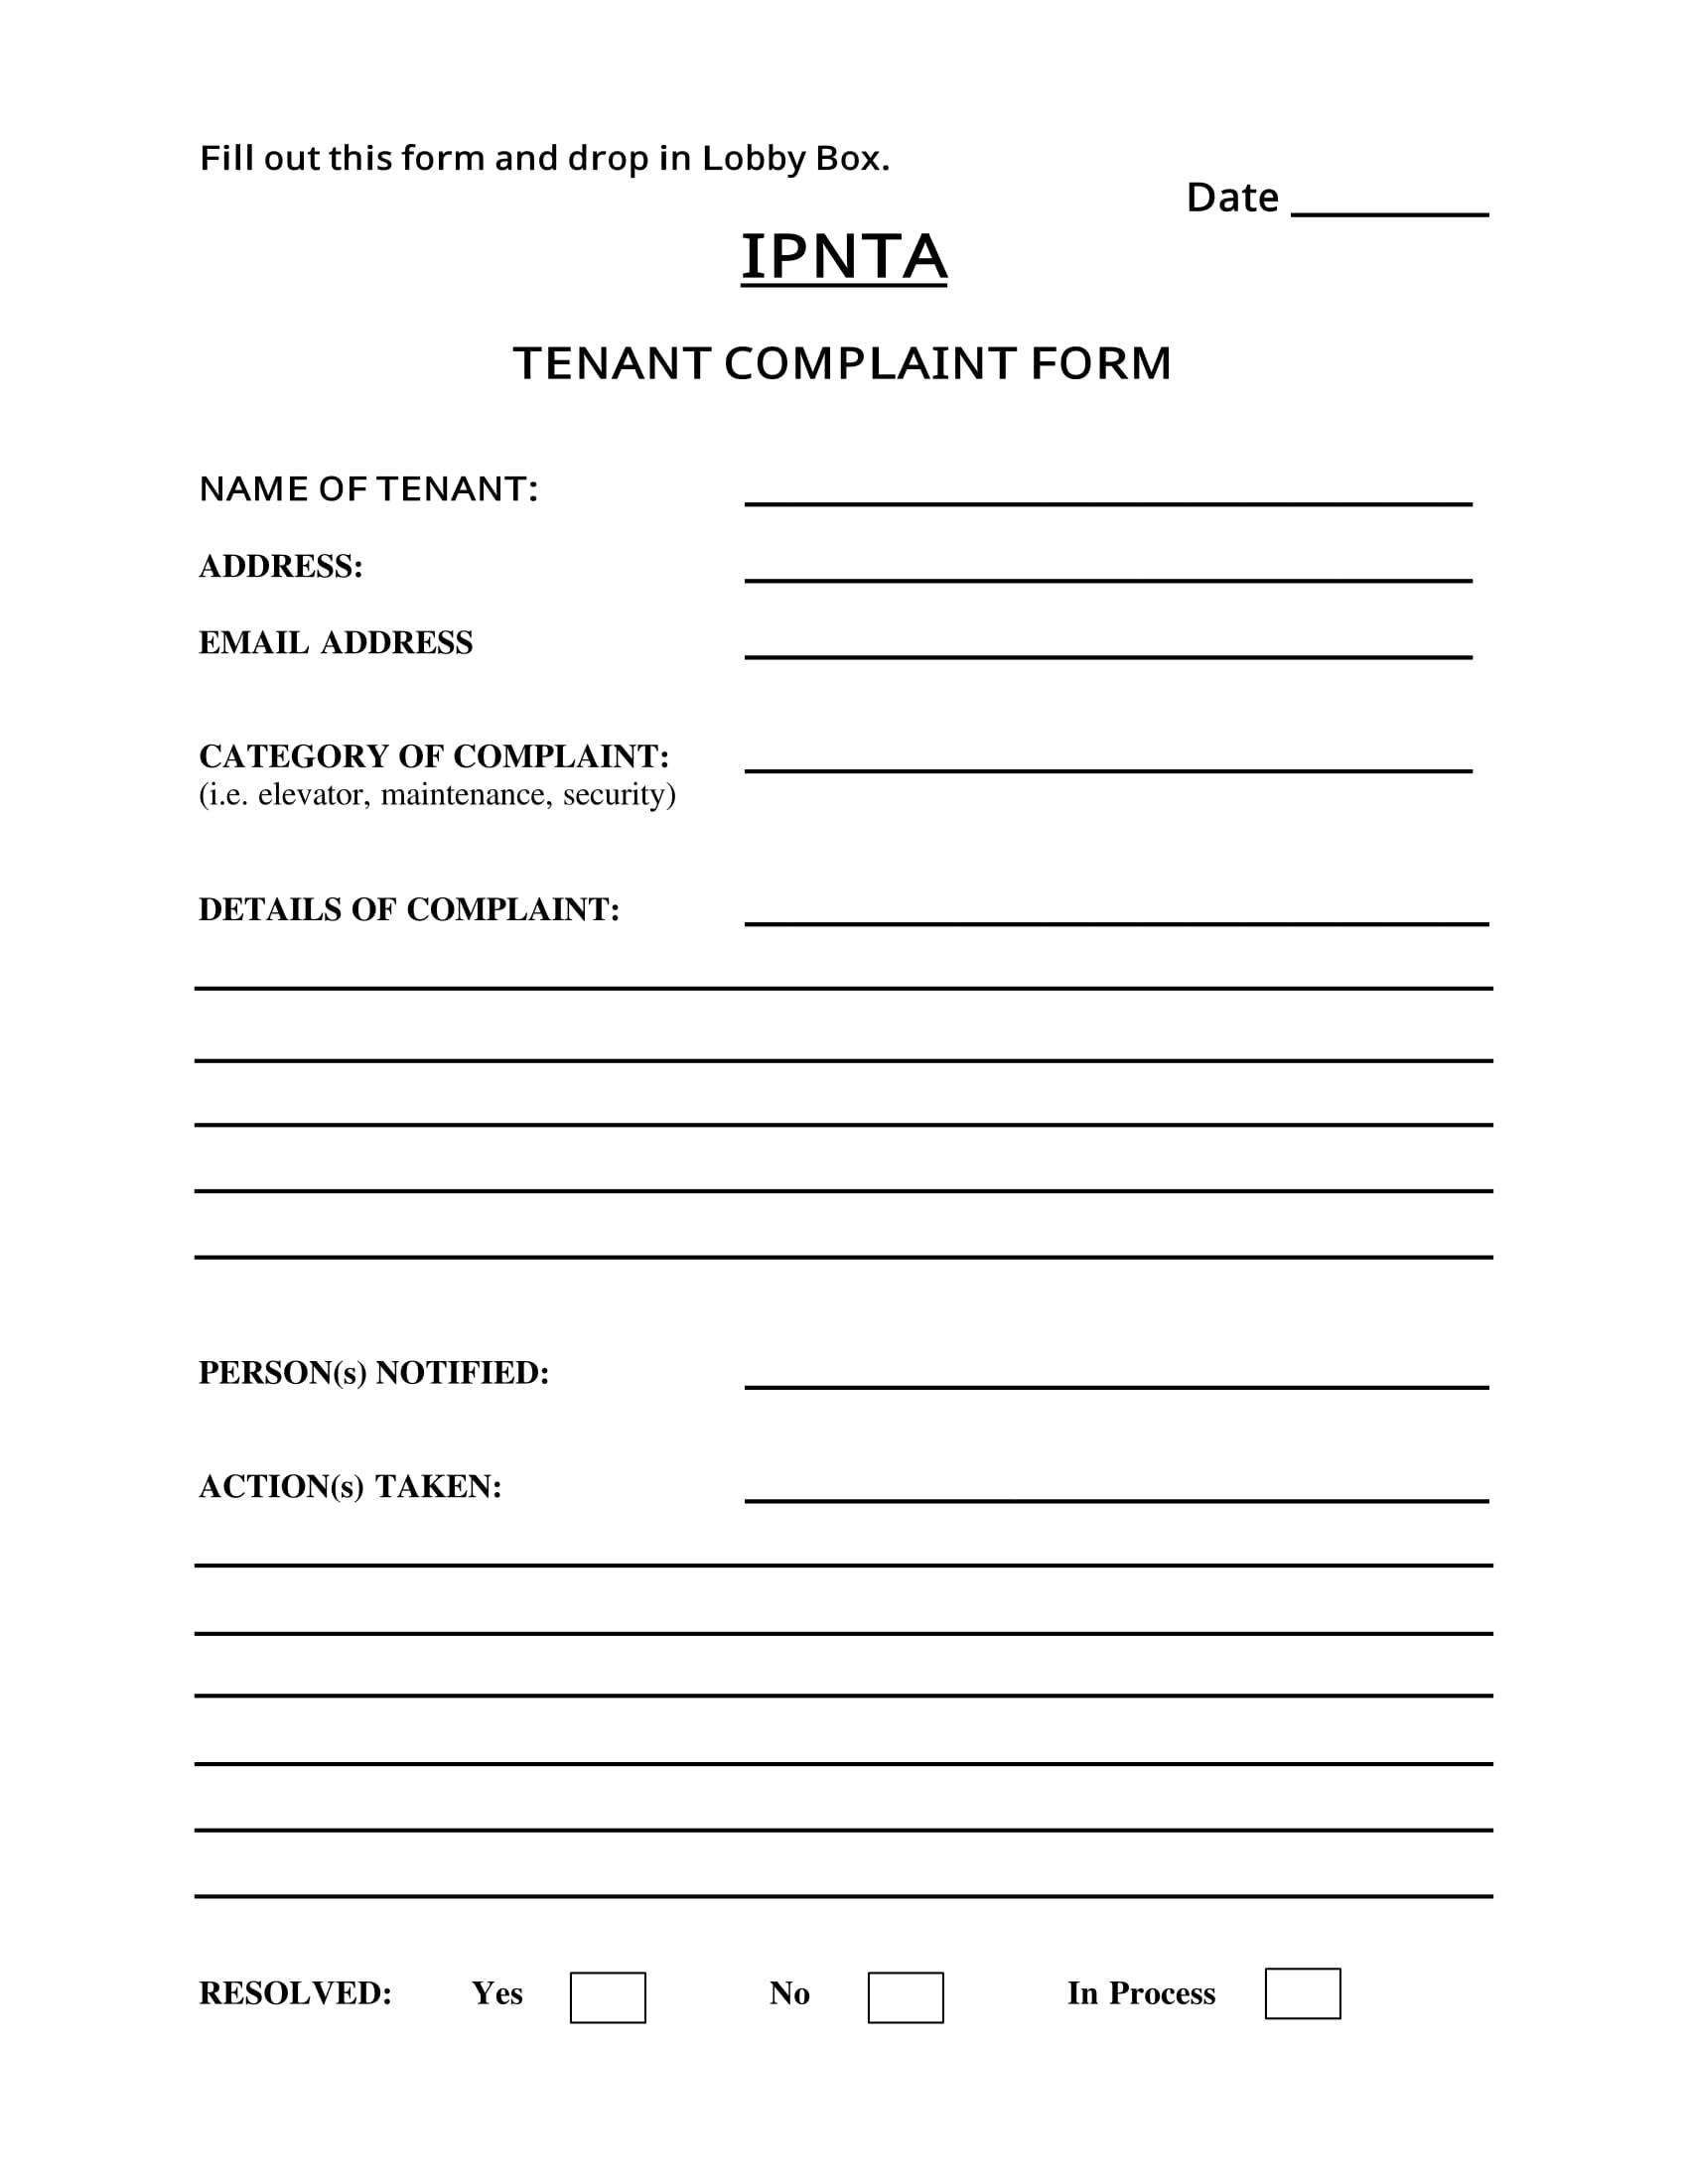 tenant complaint form 1